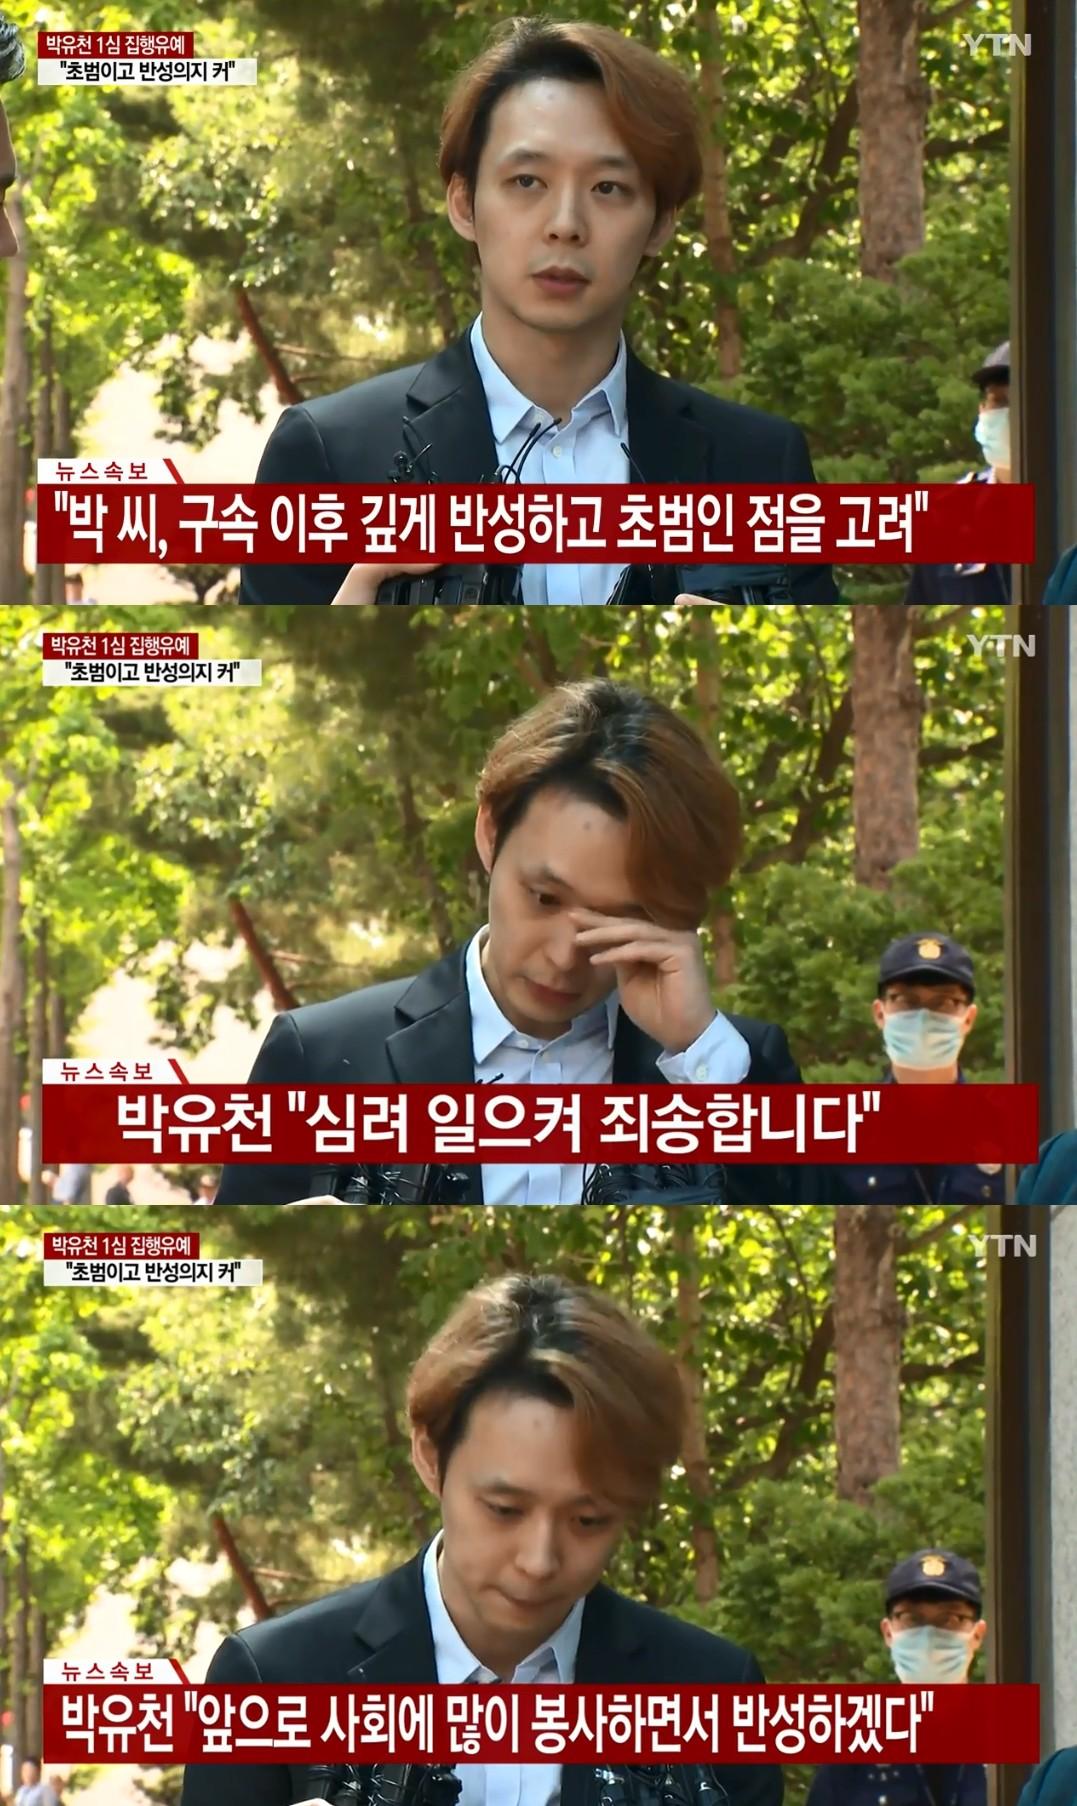 ▲朴有天提到對粉絲很抱歉忍不住哭了。(圖/翻攝自YTN NAVER TV)